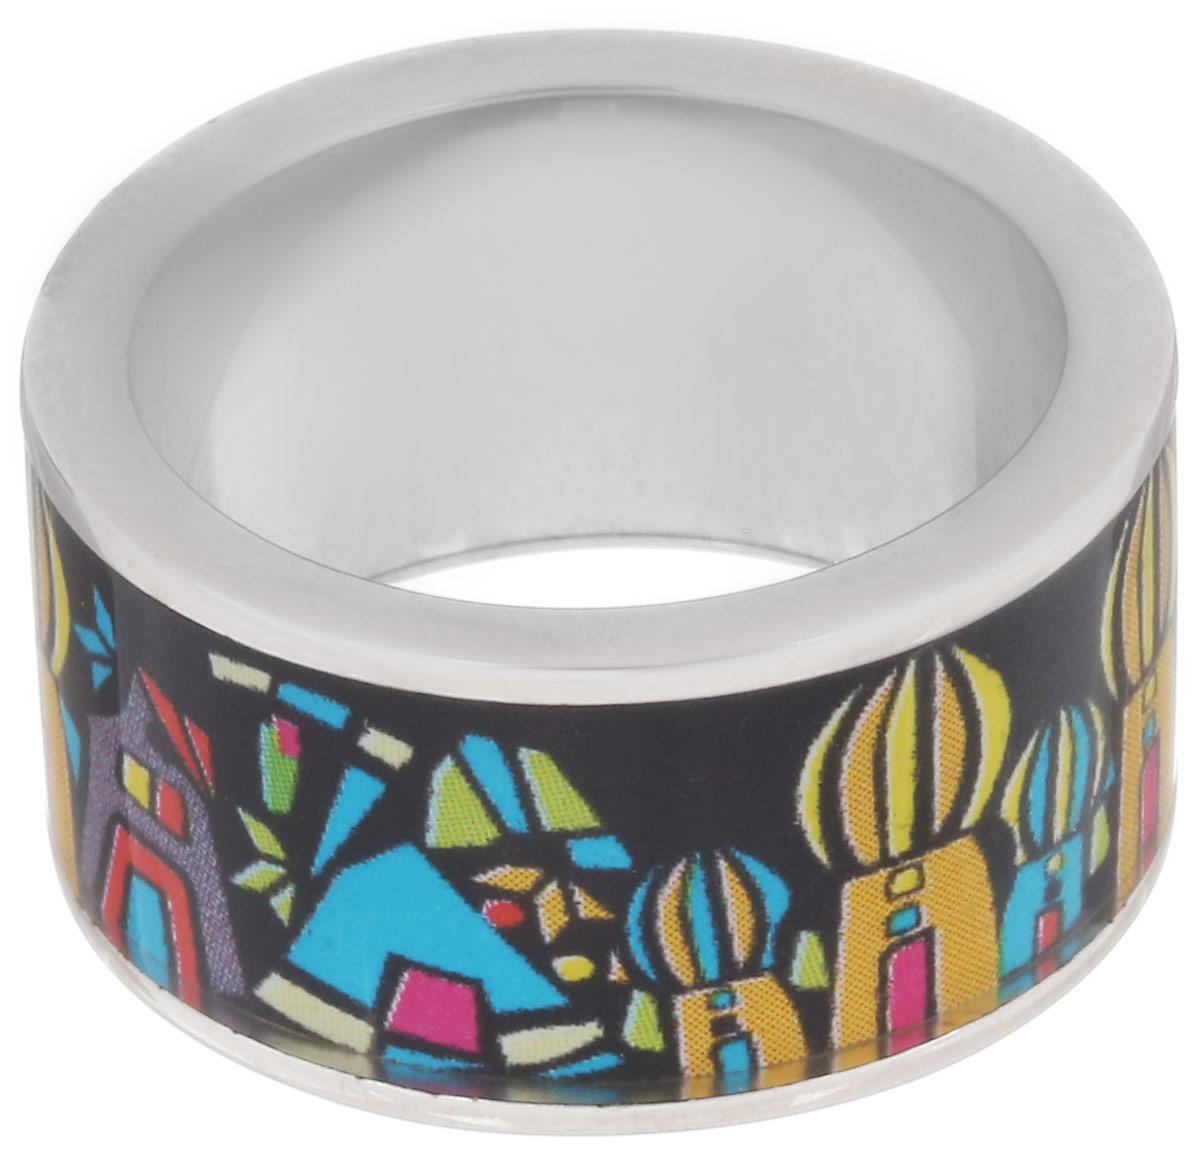 Кольцо Art-Silver, цвет: серебристый, черный, желтый. ФК106-1-320. Размер 17,5ФК106-1-320Стильное кольцо Art-Silver изготовлено из бижутерного сплава. Изделие оформлено оригинальным принтом и покрыто эмалью. Стильное кольцо придаст вашему образу изюминку и подчеркнет индивидуальность.